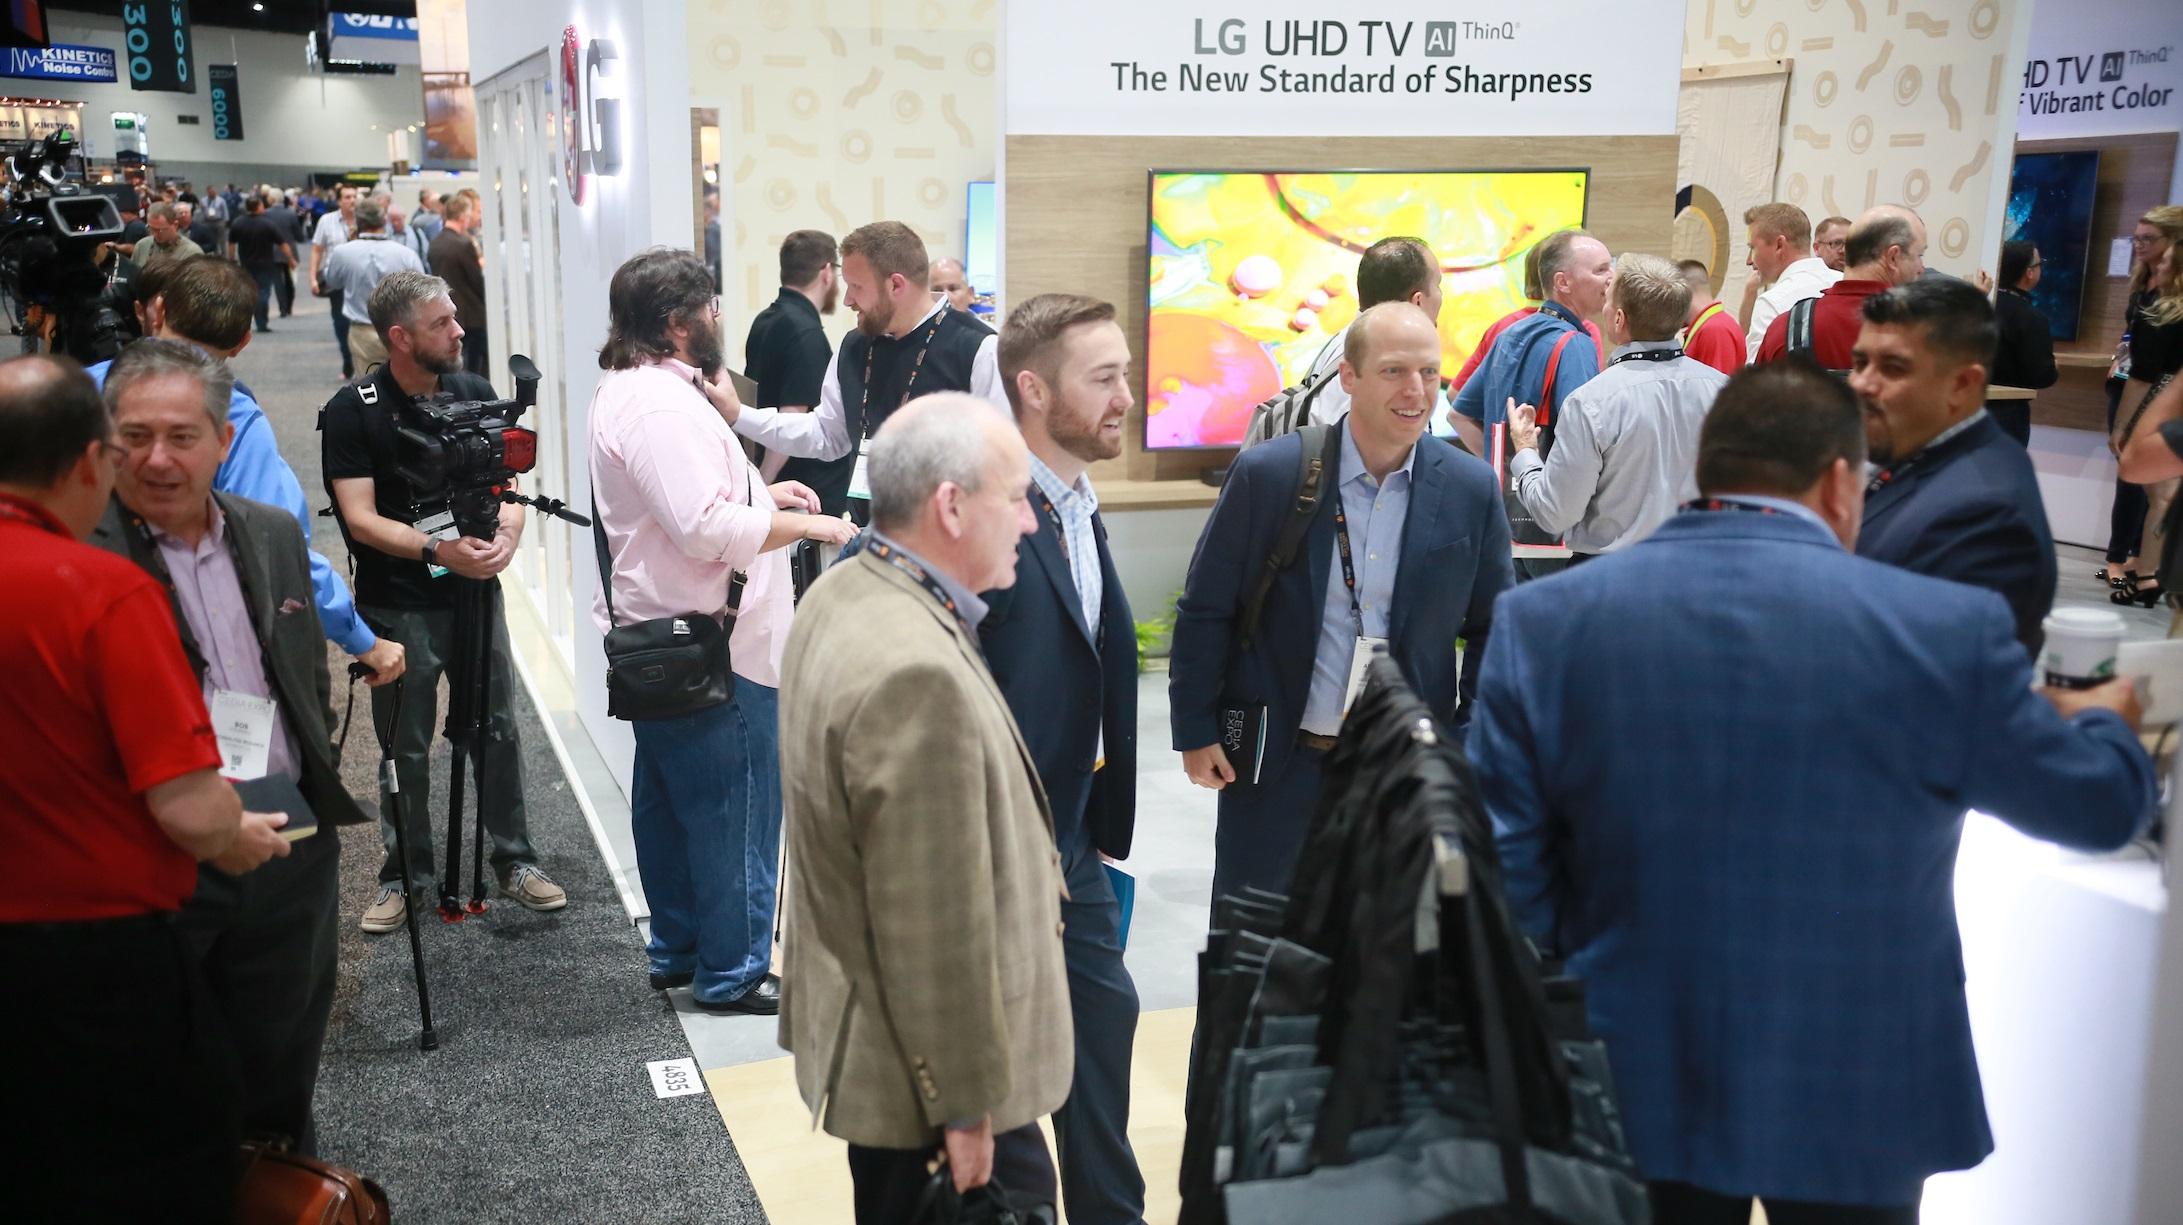 LG전자가 미국 샌디에이고에서 열린 영상가전 전시회 'CEDIA'에 참가해 유명 인테리어 디자이너와 협업해 'LG 올레드 TV AI 씽큐'와 조화되는 우아한 거실을 연출하고, LG 슈퍼 울트라HD TV AI 씽큐, LG 시네빔 4K UHD 등 제품을 전시했다. LG전자 부스를 찾은 관람객들이 LG전자 제품을 살펴보고 있다.